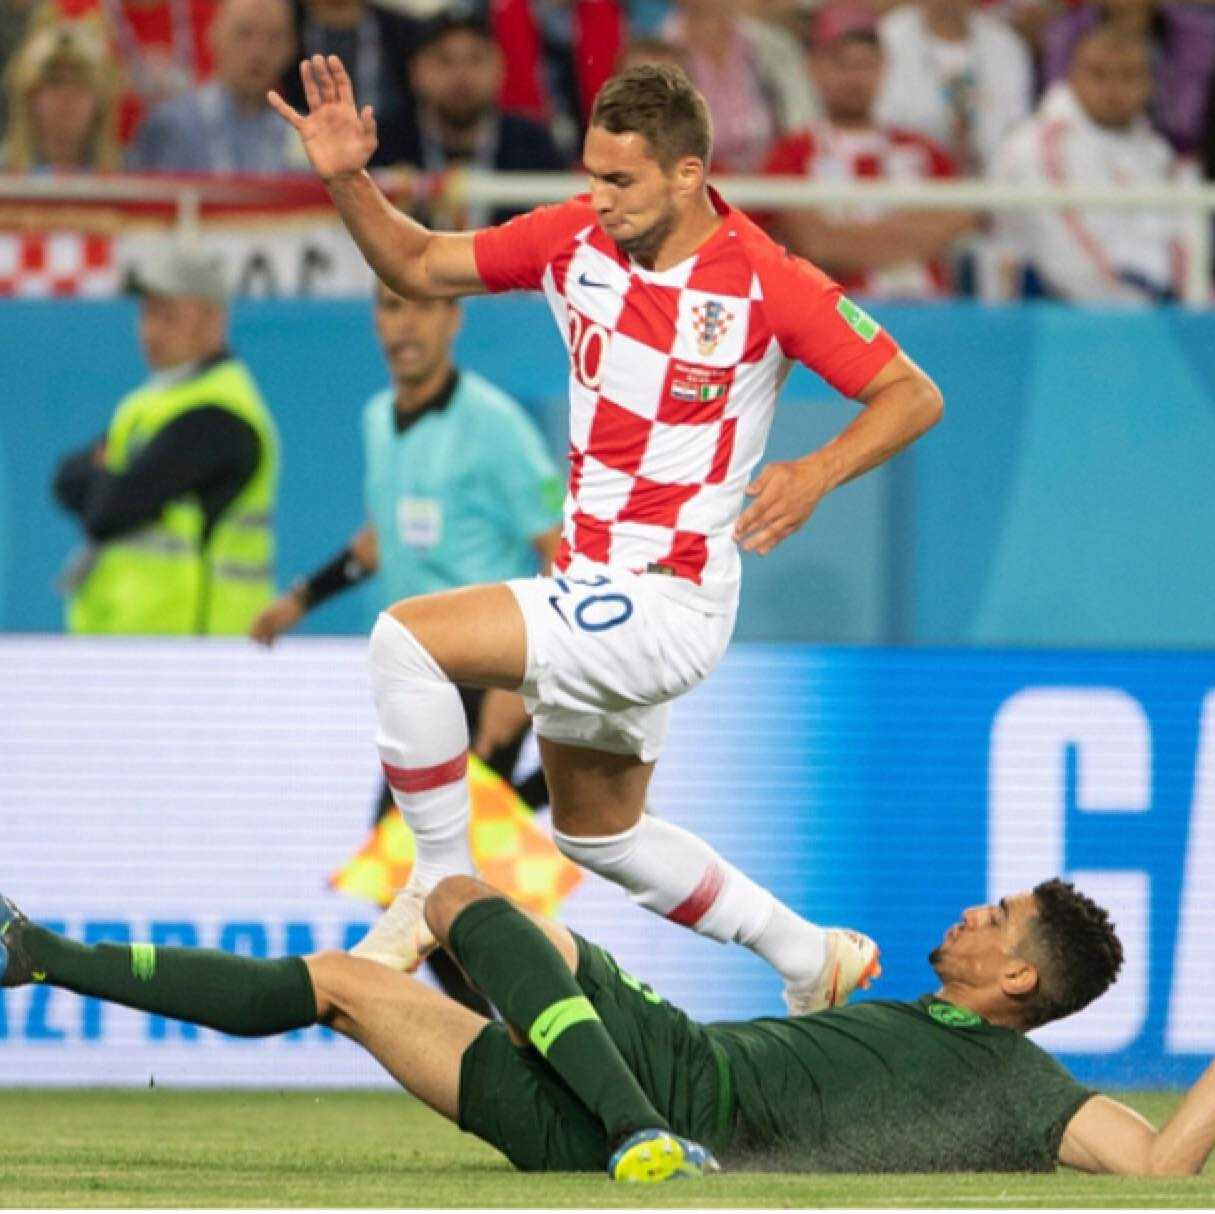 Serie A, giornata 4: 5 attaccanti da non schierare al fantacalcio